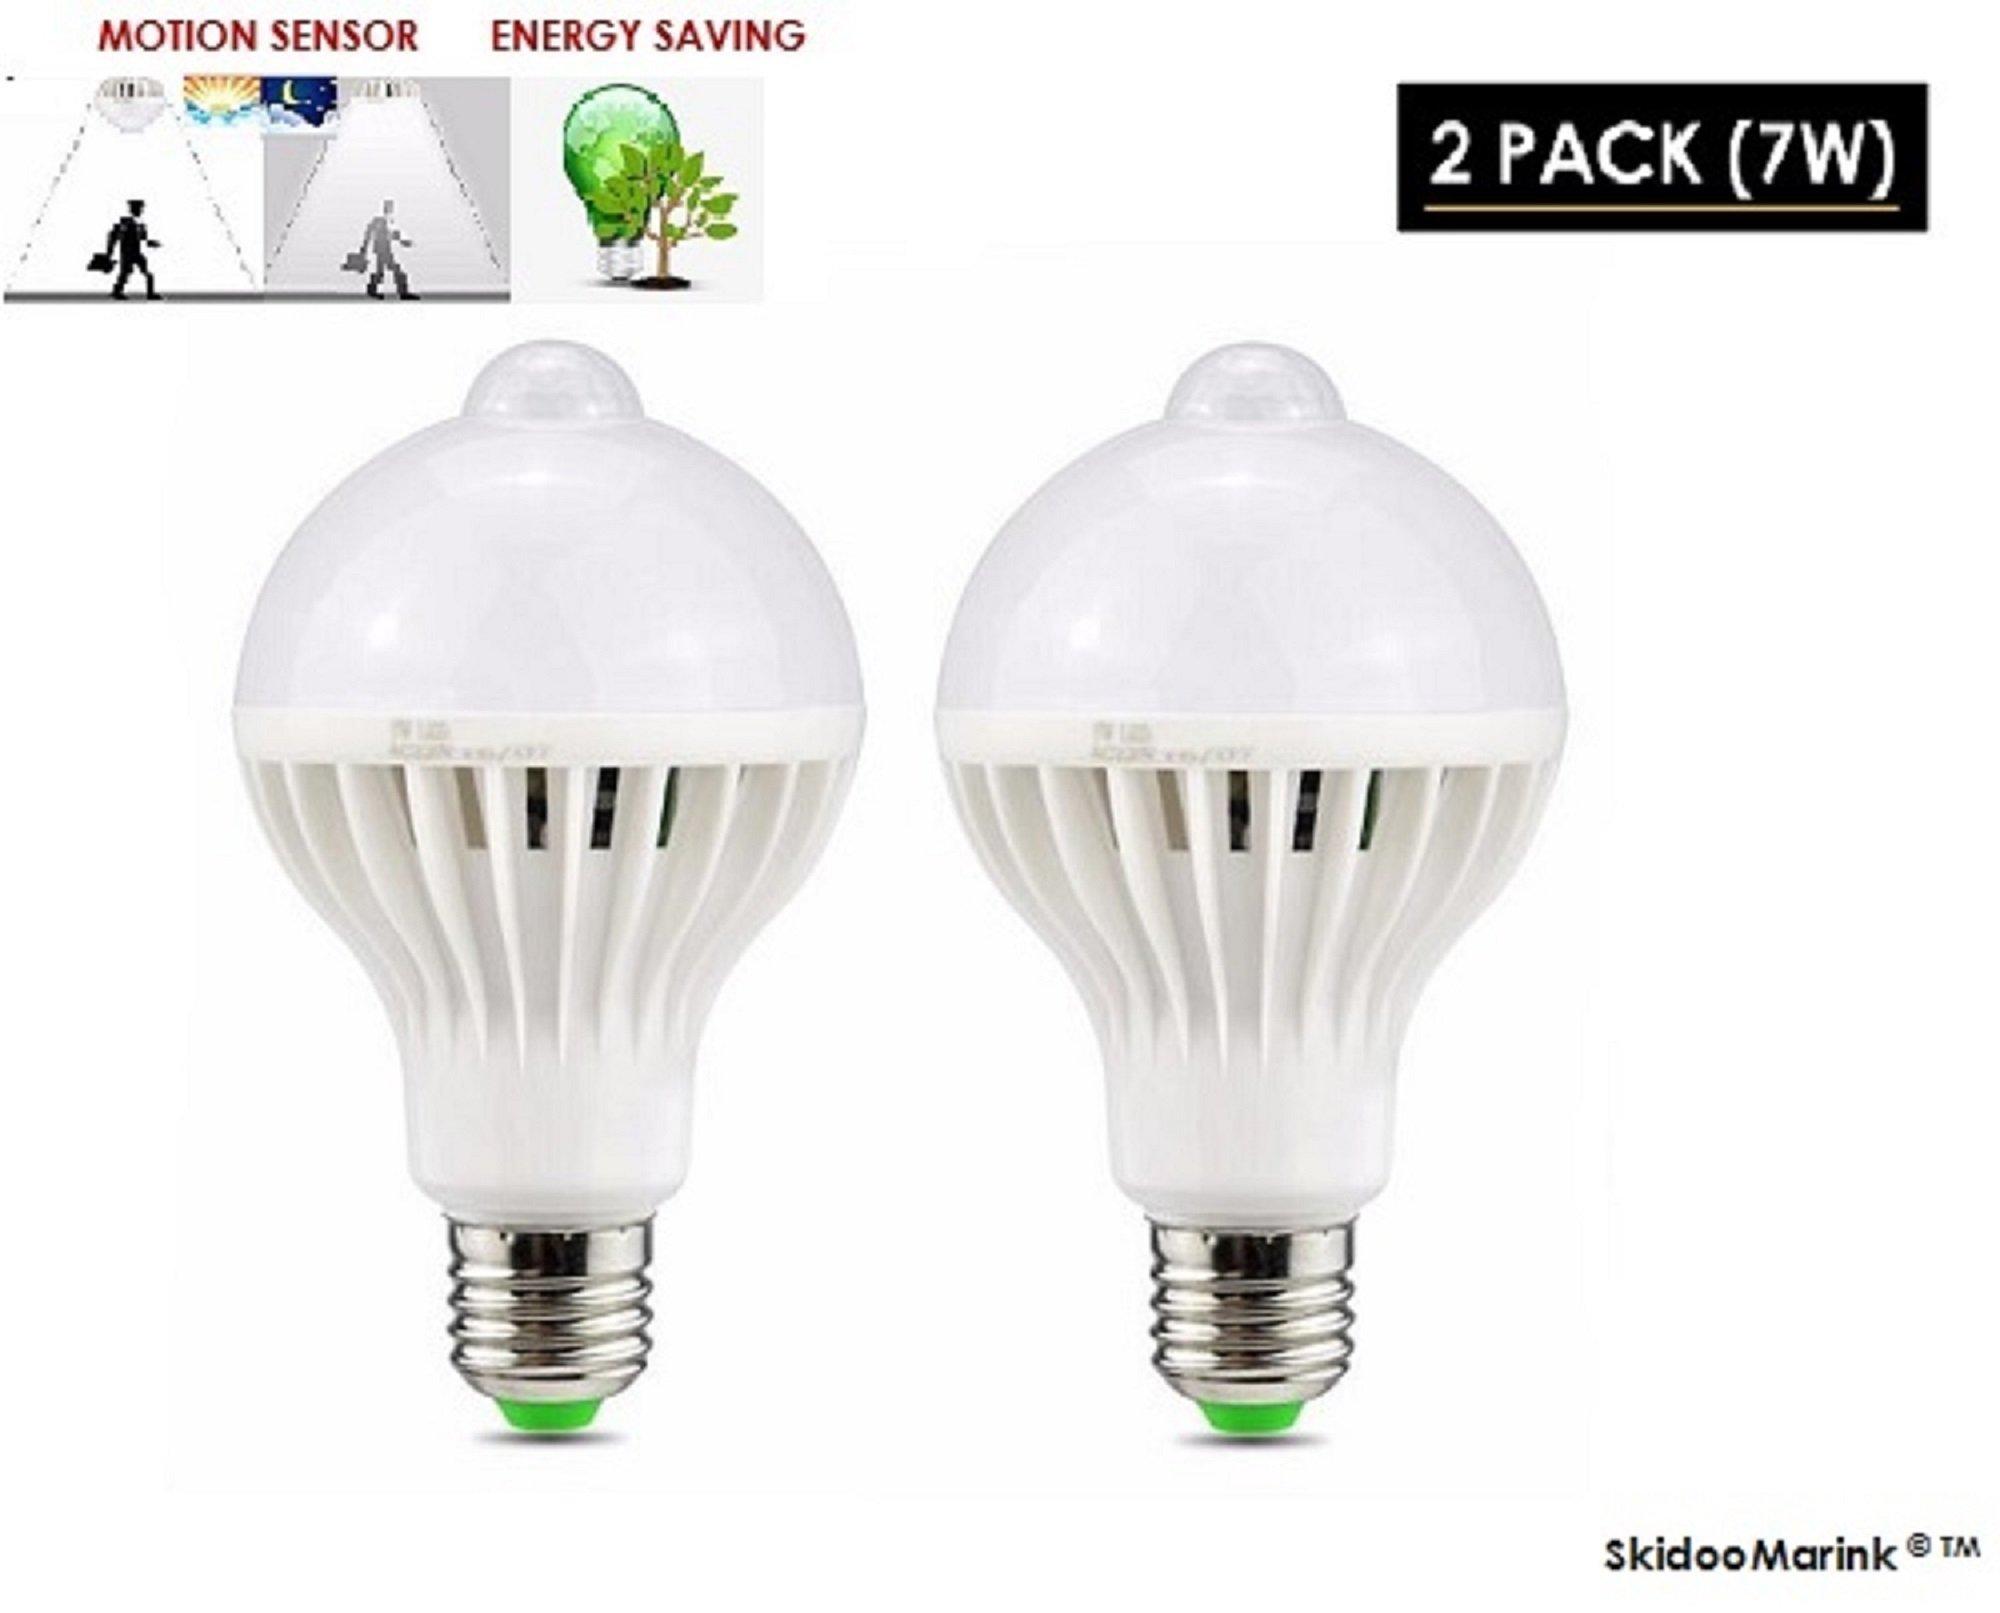 LED Motion Sensor Light Bulb - Dusk to Dawn PIR Built-In Motion Detector Light Sensing Outdoor Bulb E27 Indoor Outdoor LED Sensor Light Warm White Security Detection Lights 2 Pack 7W SkidooMarink